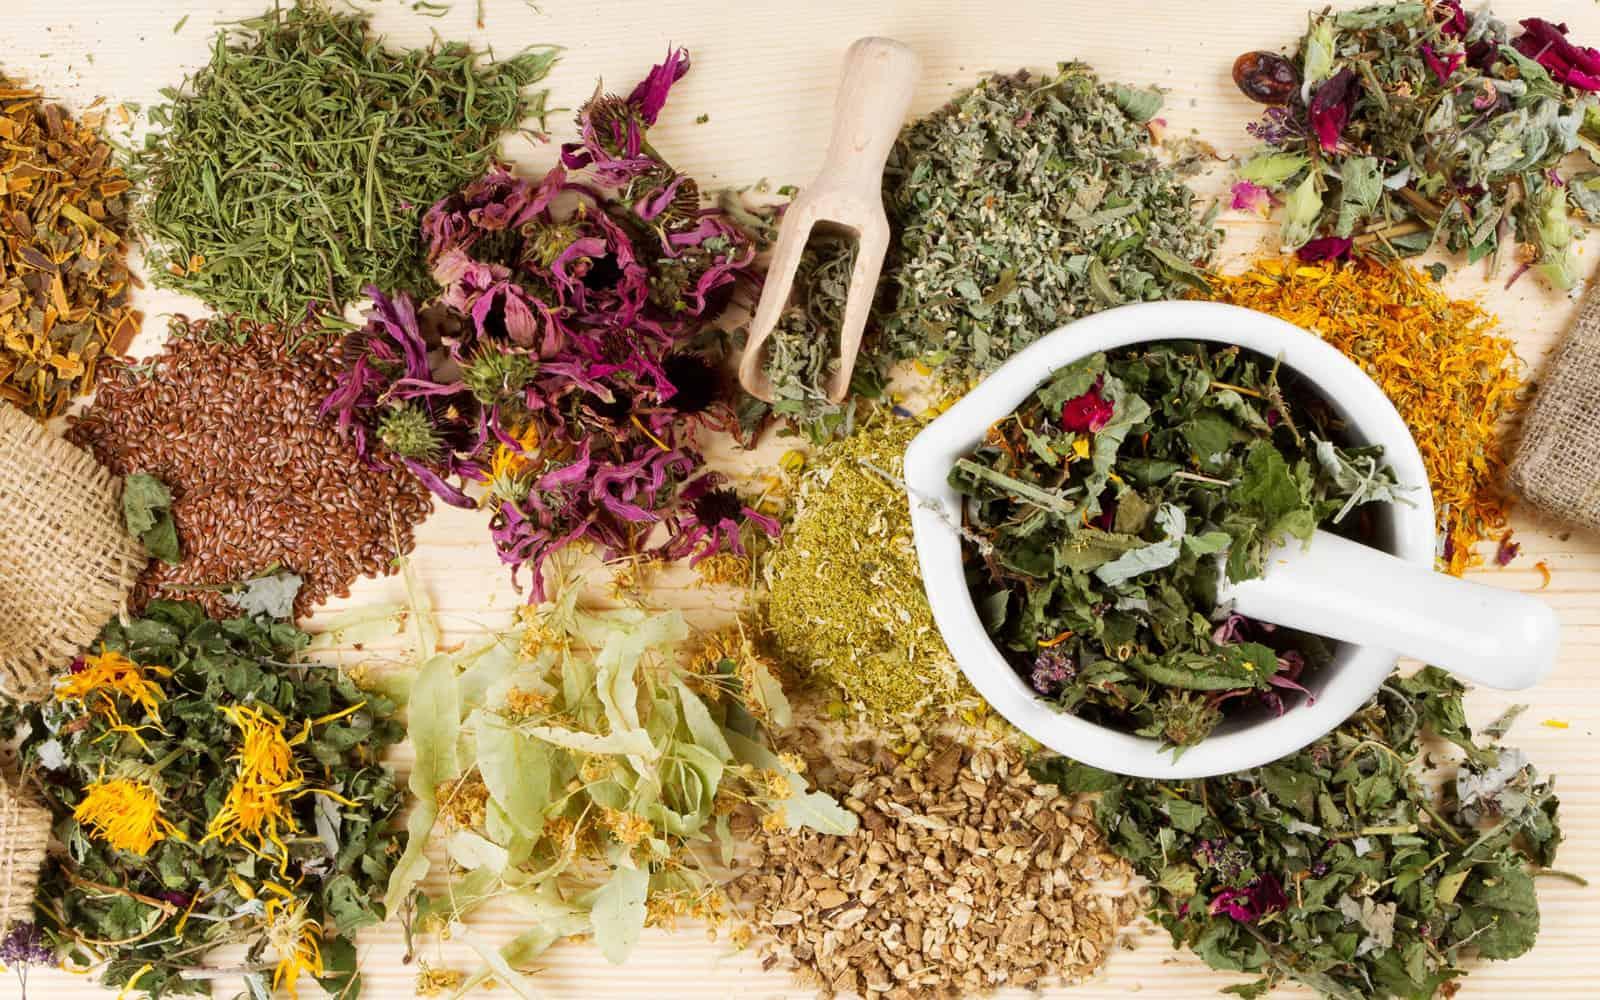 Травы можно заготавливать самостоятельно или приобрести в аптеке за вполне умеренную цену